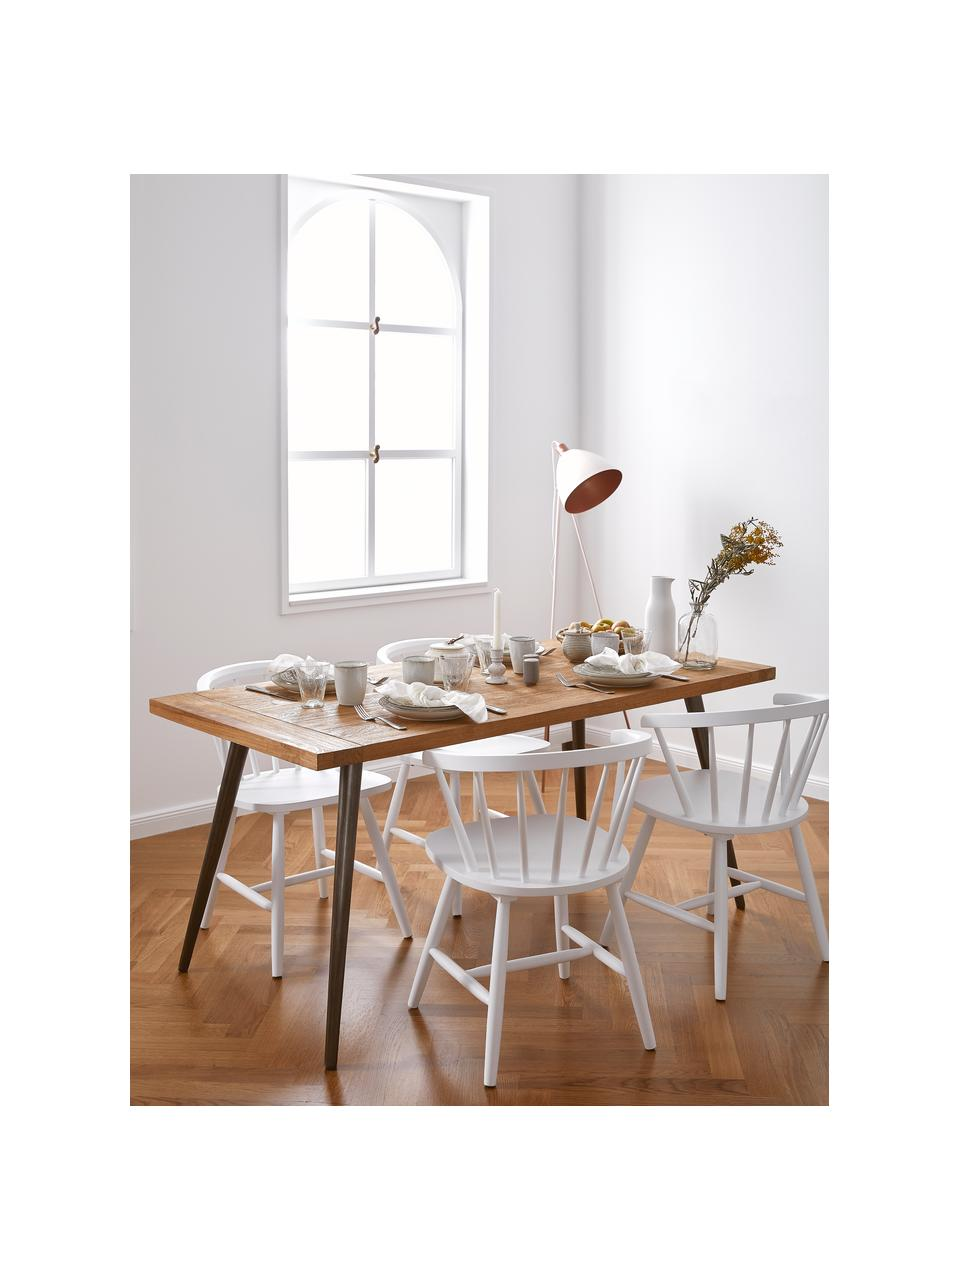 Esstisch Kapal mit Massivholzplatte, Tischplatte: 3.5 cm starkes, recycelte, Beine: Stahl mit metallischen Ge, Teakholz, B 160 x T 80 cm